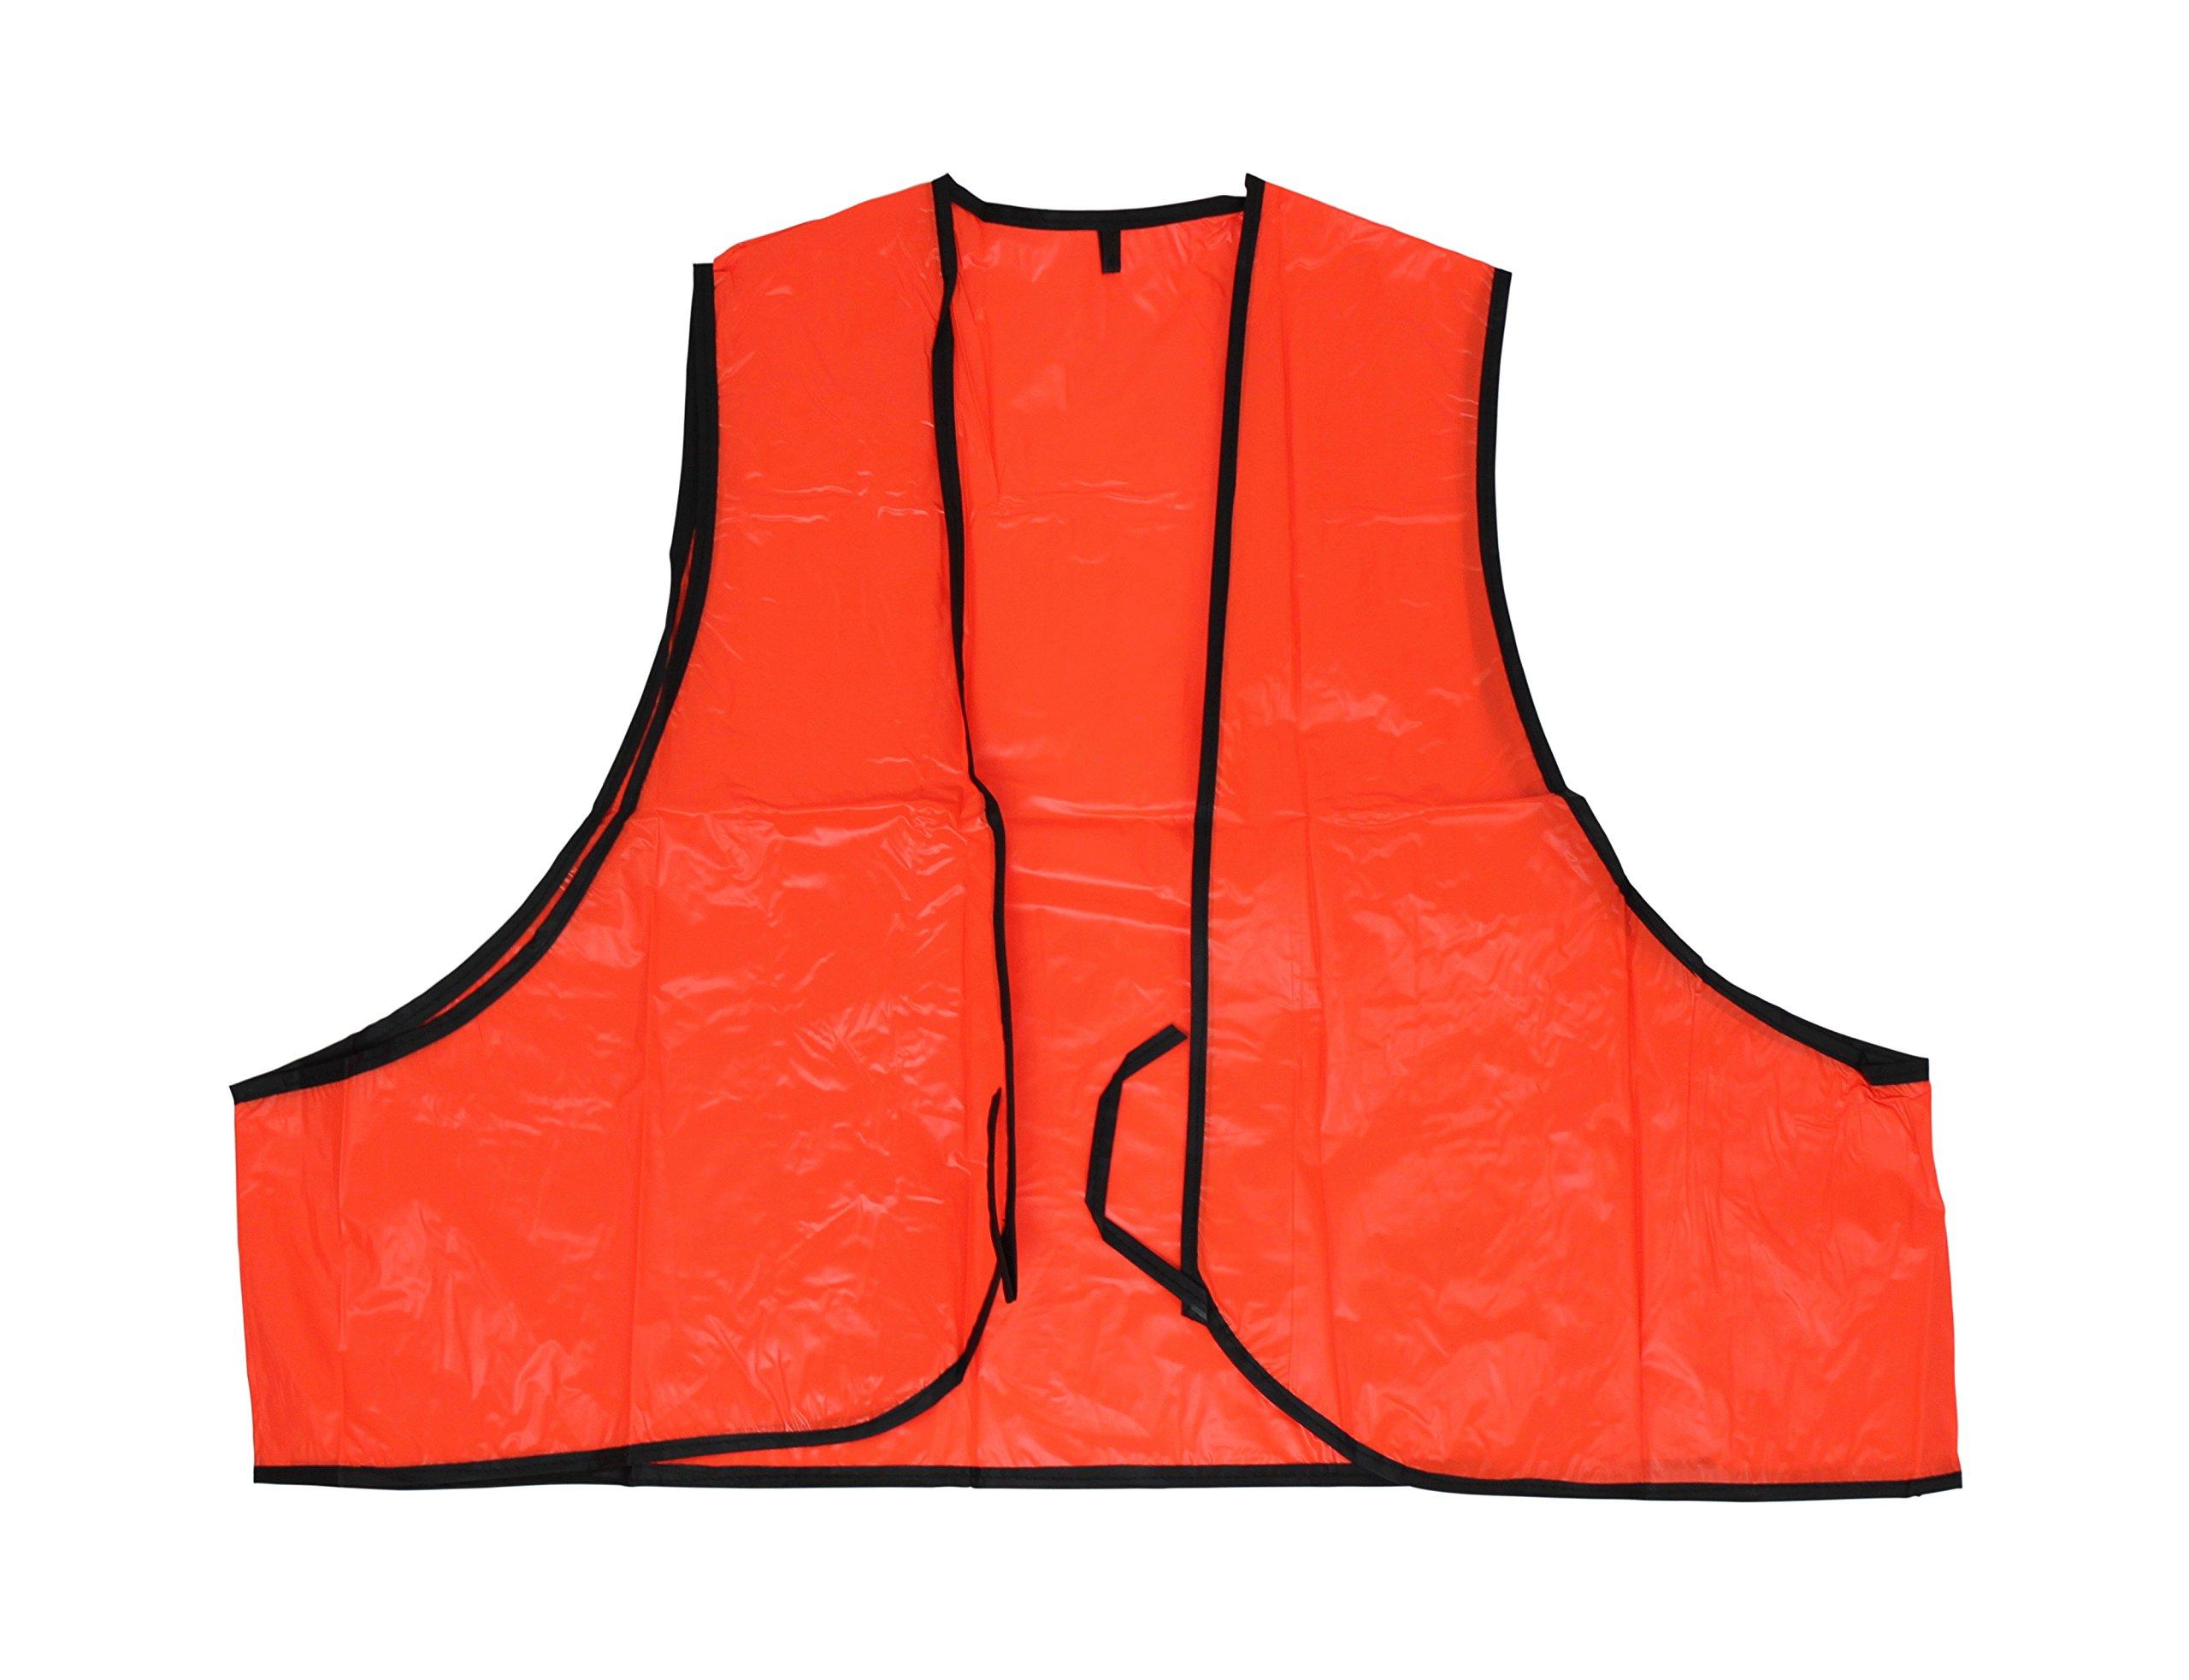 SEI Co Disposable PVC Safety Vest, Blaze Orange, 12-Pack